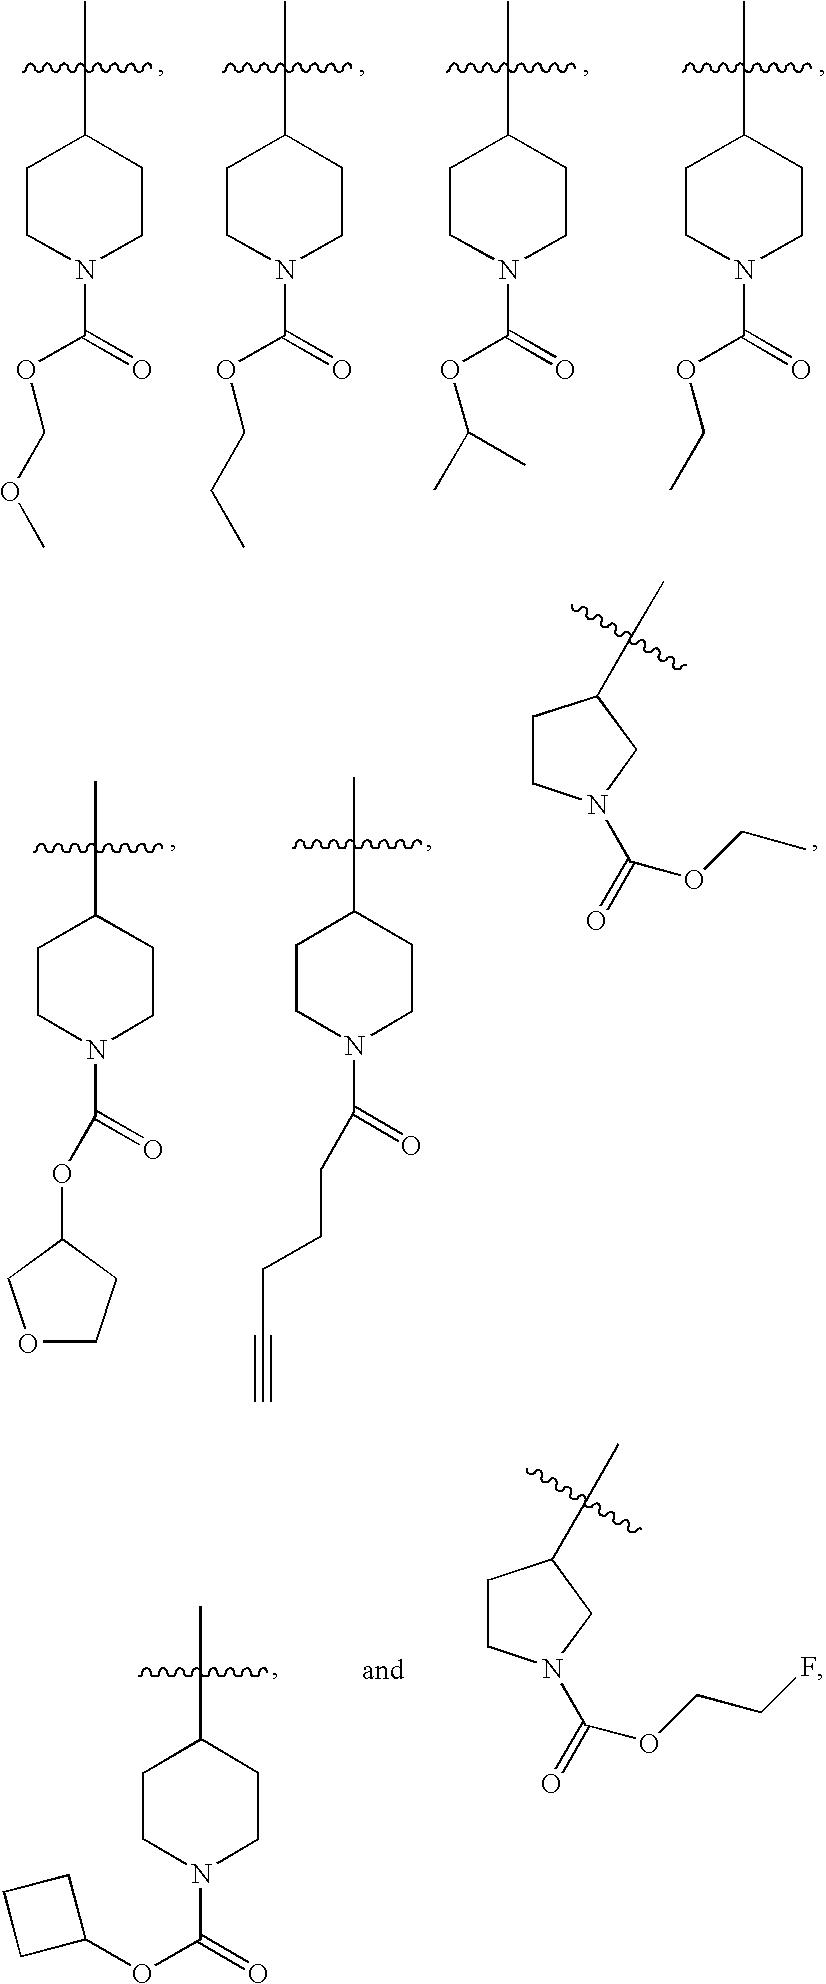 Figure US20070043023A1-20070222-C00011